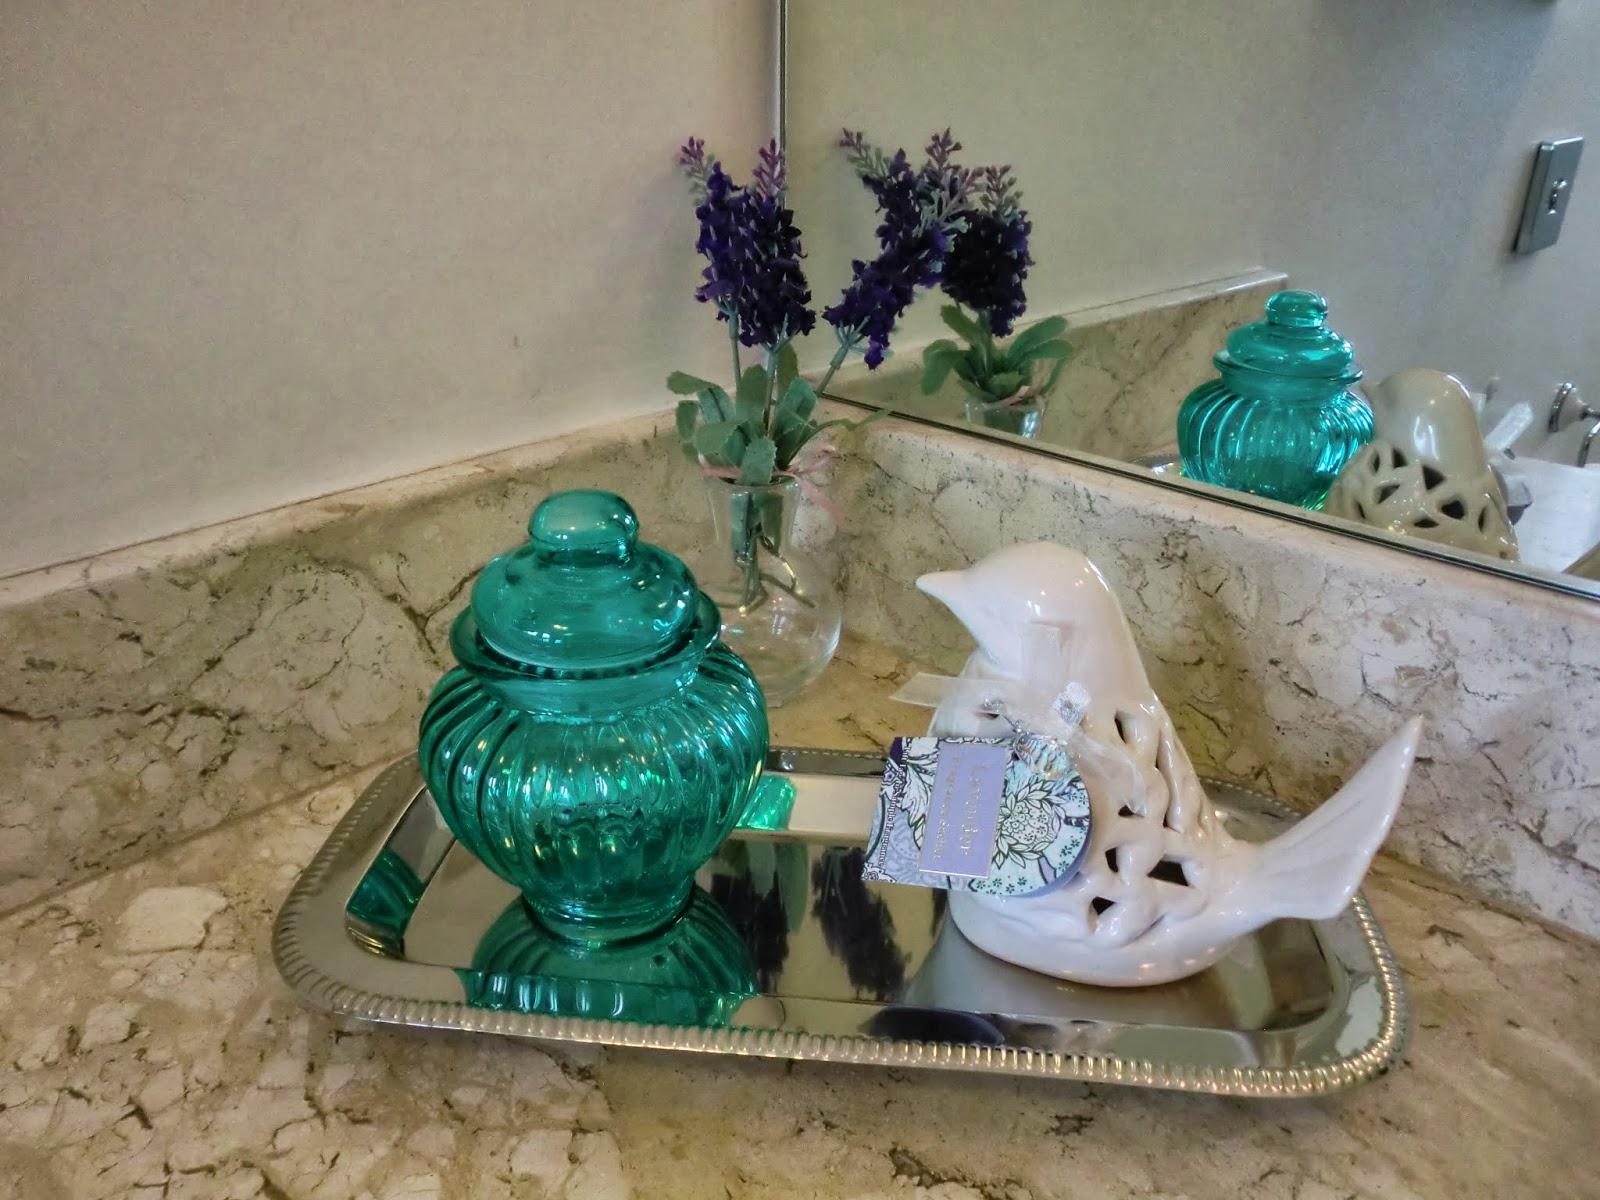 Lavabo chic bandeja decorada para banheiros Casa e Reforma #227C71 1600x1200 Balança De Banheiro Onde Comprar